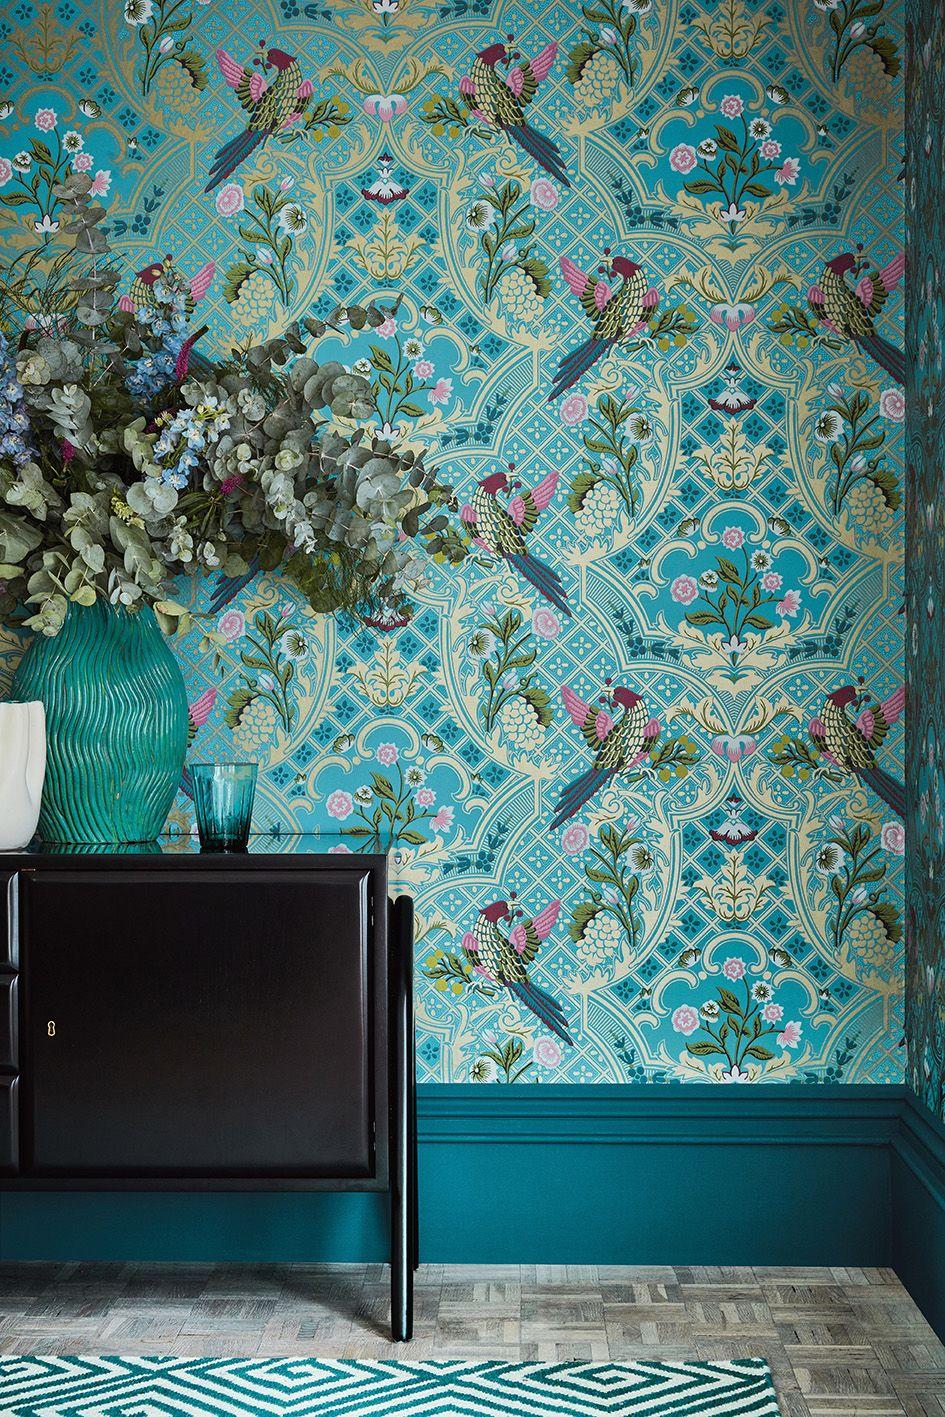 Brodsworth Empress in 2020 Bird wallpaper bedroom